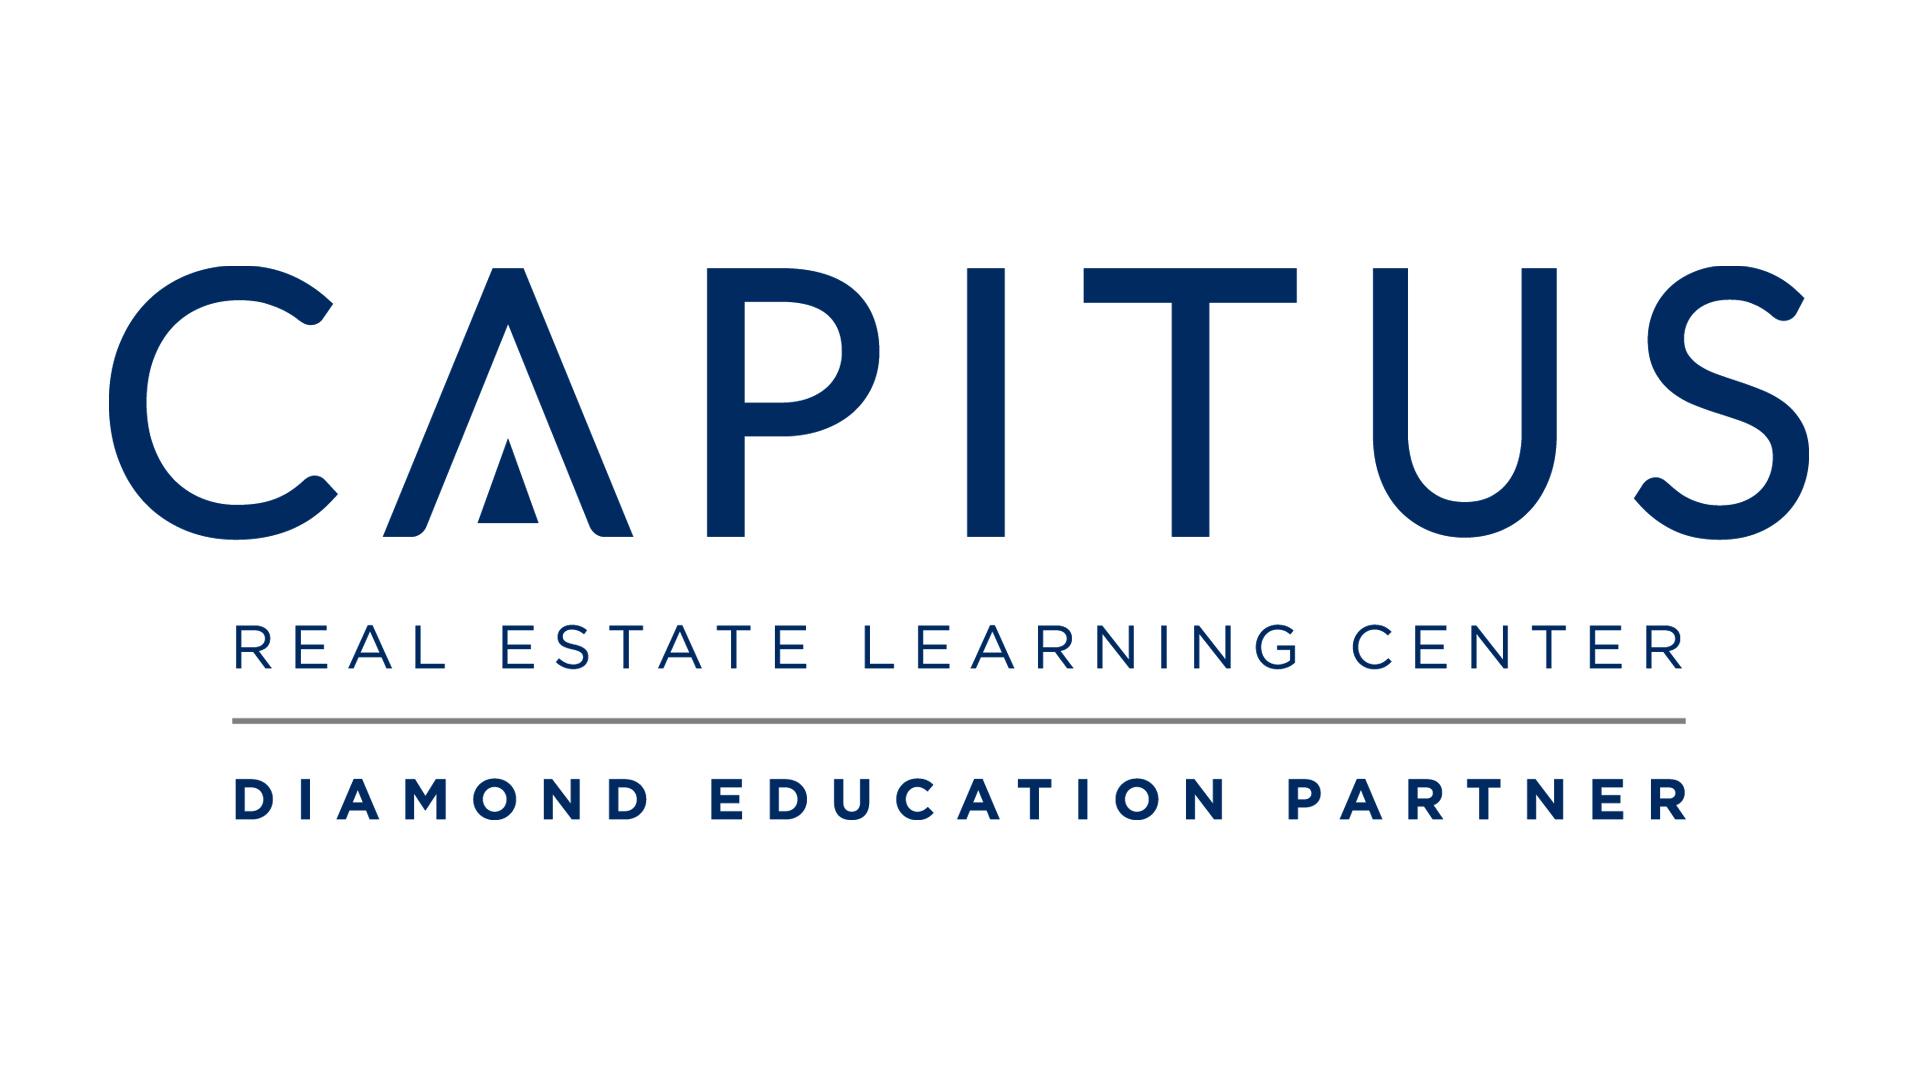 Capitus